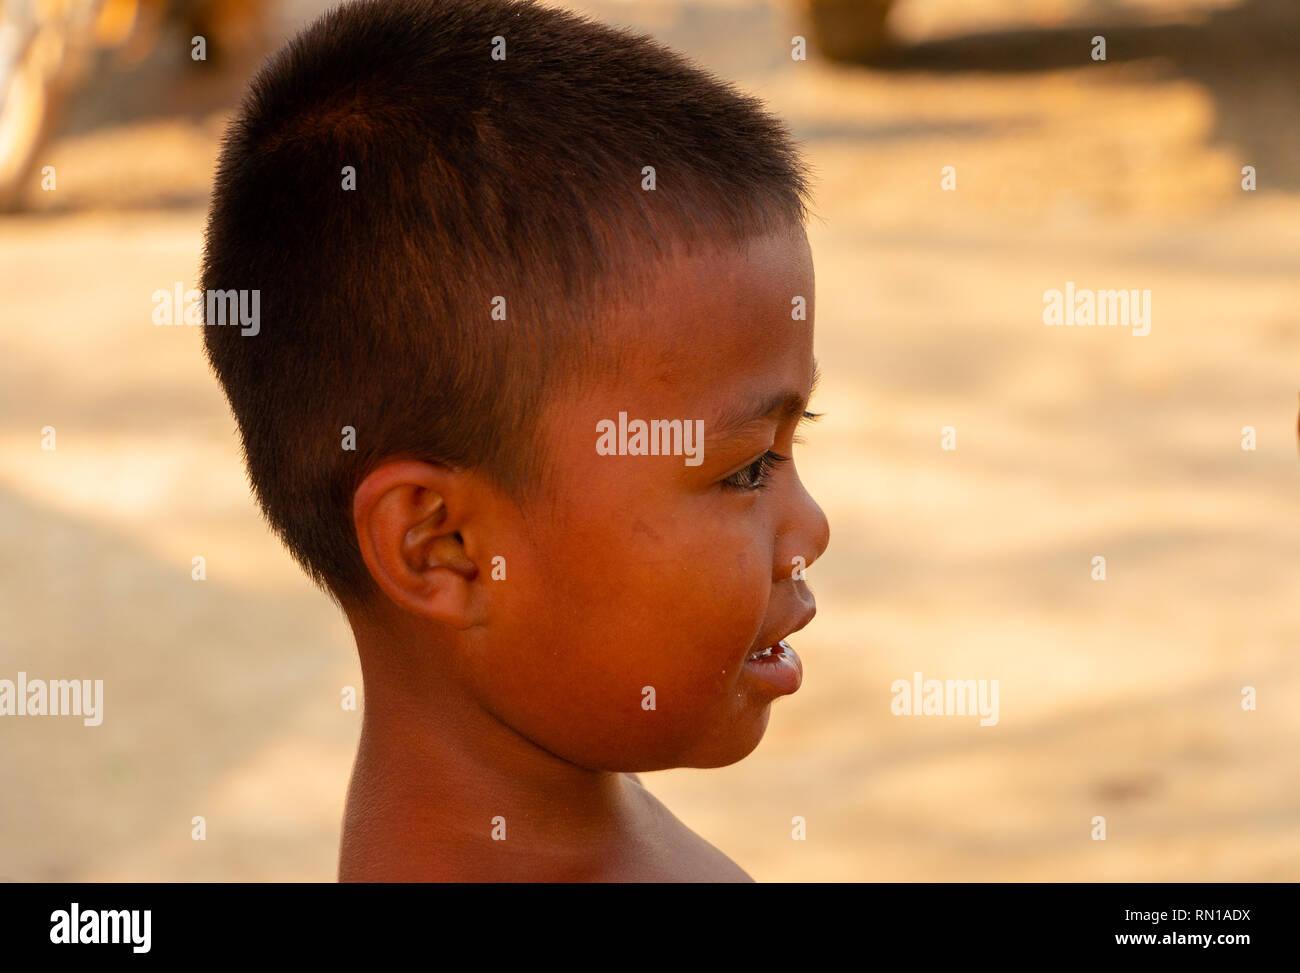 Ritratto di un simpatico, felice,sorridente, giovani, locale scuola primaria età bambino cambogiano Kampong Tralach, Oudong, Cambogia, Asia Immagini Stock